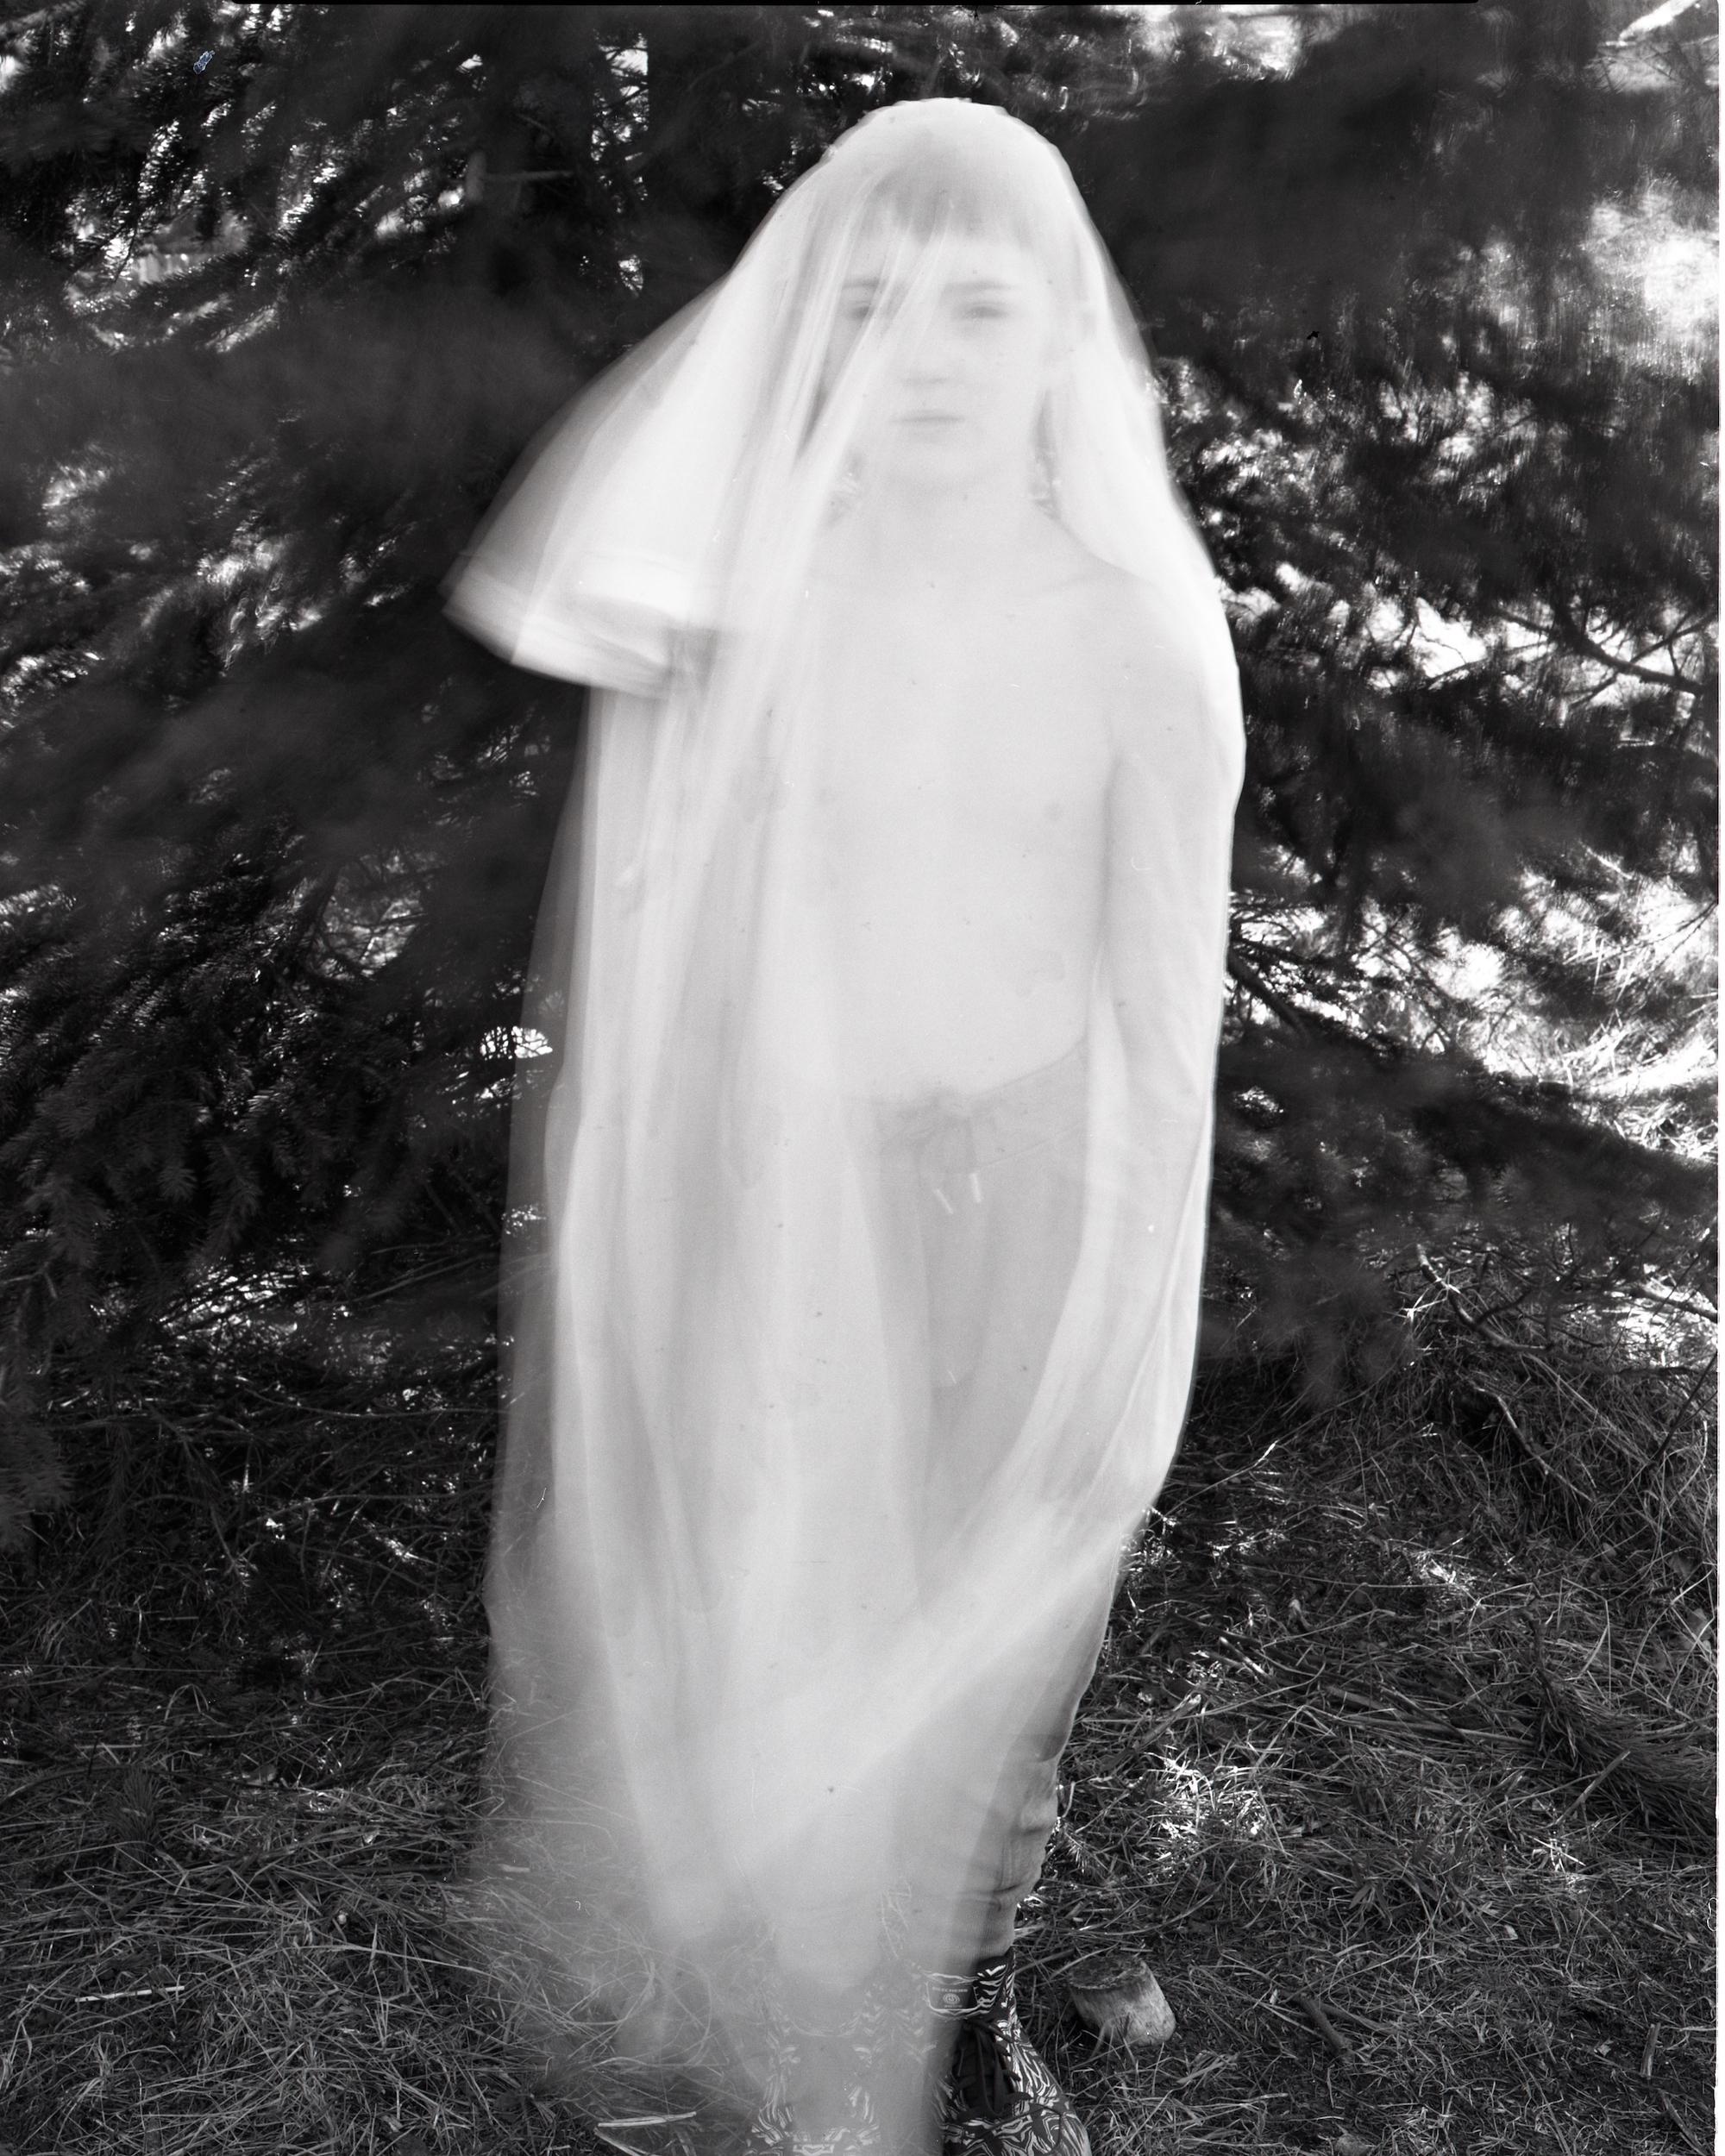 Agnieszka Sosnowska Ghost Boy